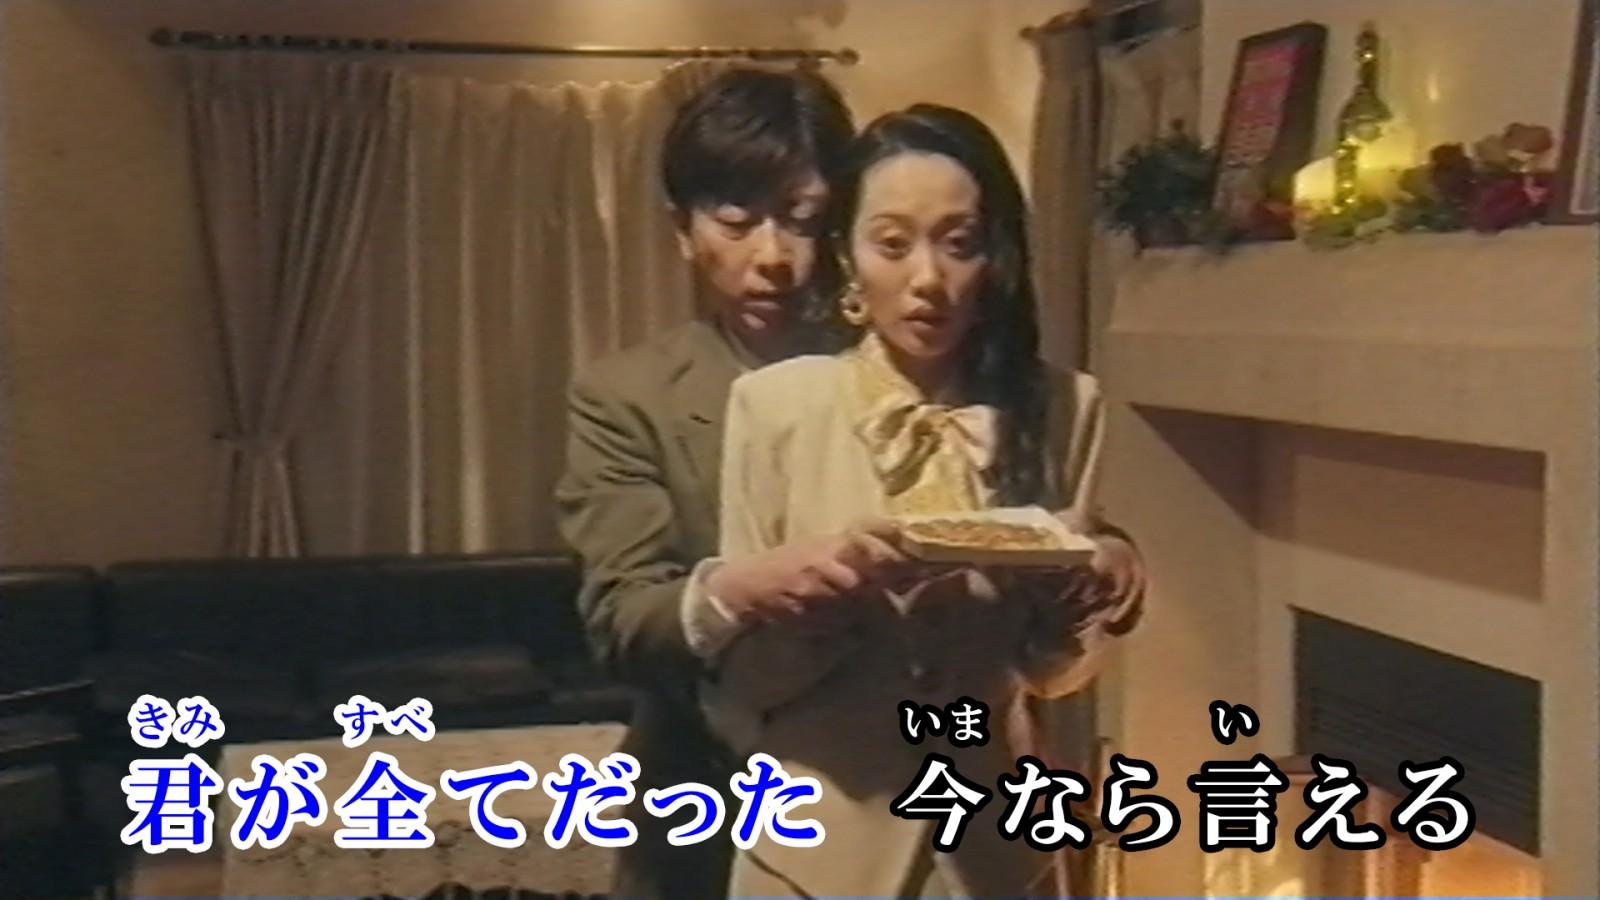 お好み焼羽毛ふとんは温かそう~♫フットボールアワー後藤輝基さんカラオケ映像「GOT YOUR MIND(ごつうま)」